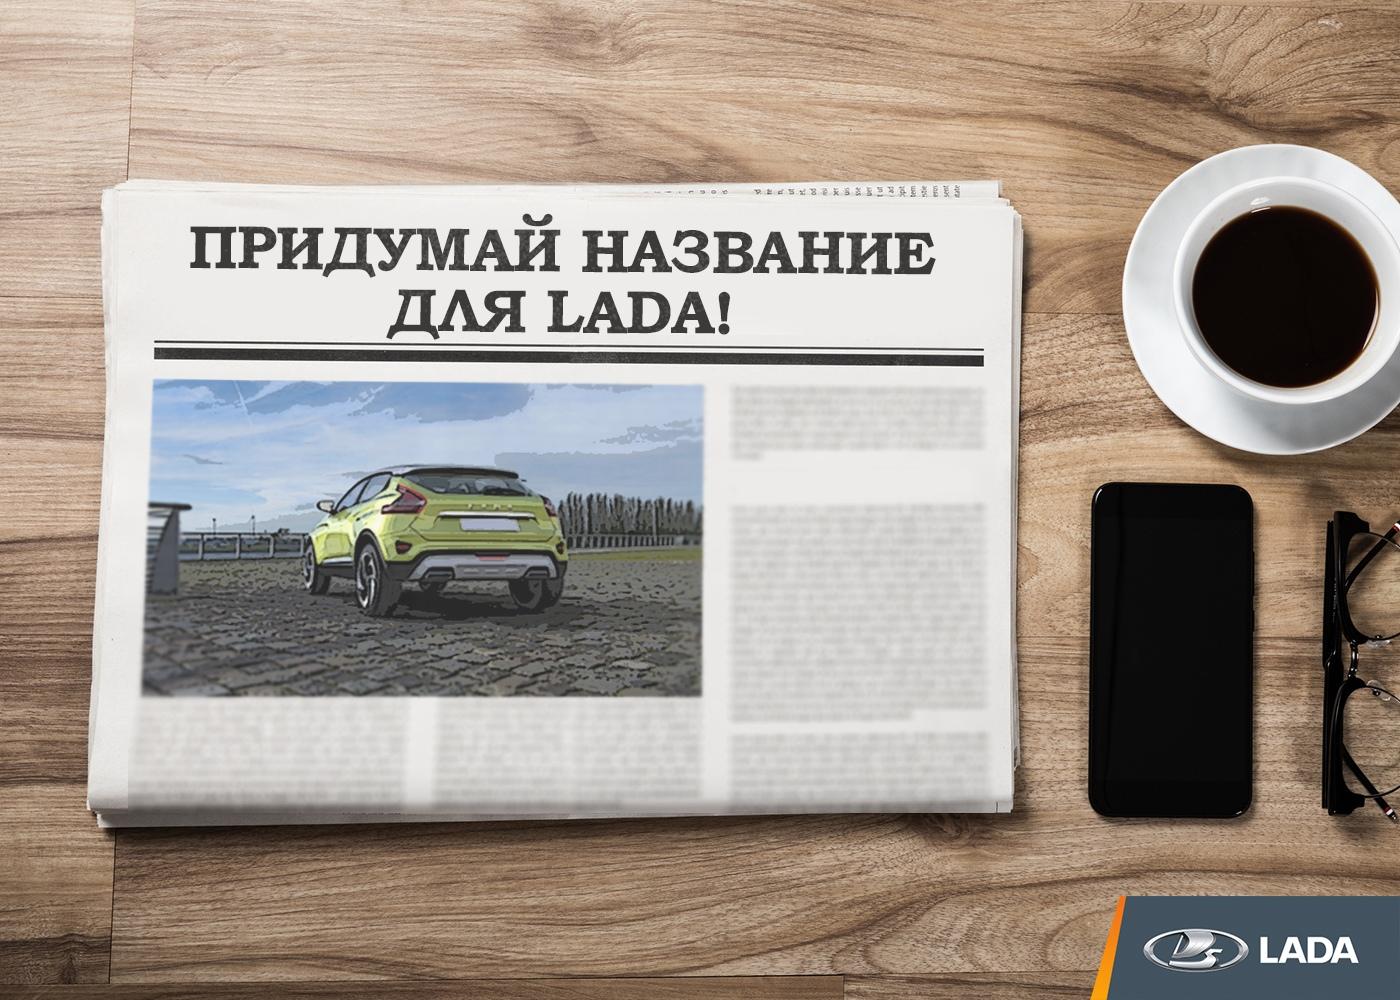 Рекламный конкурс на название новой модели LADA